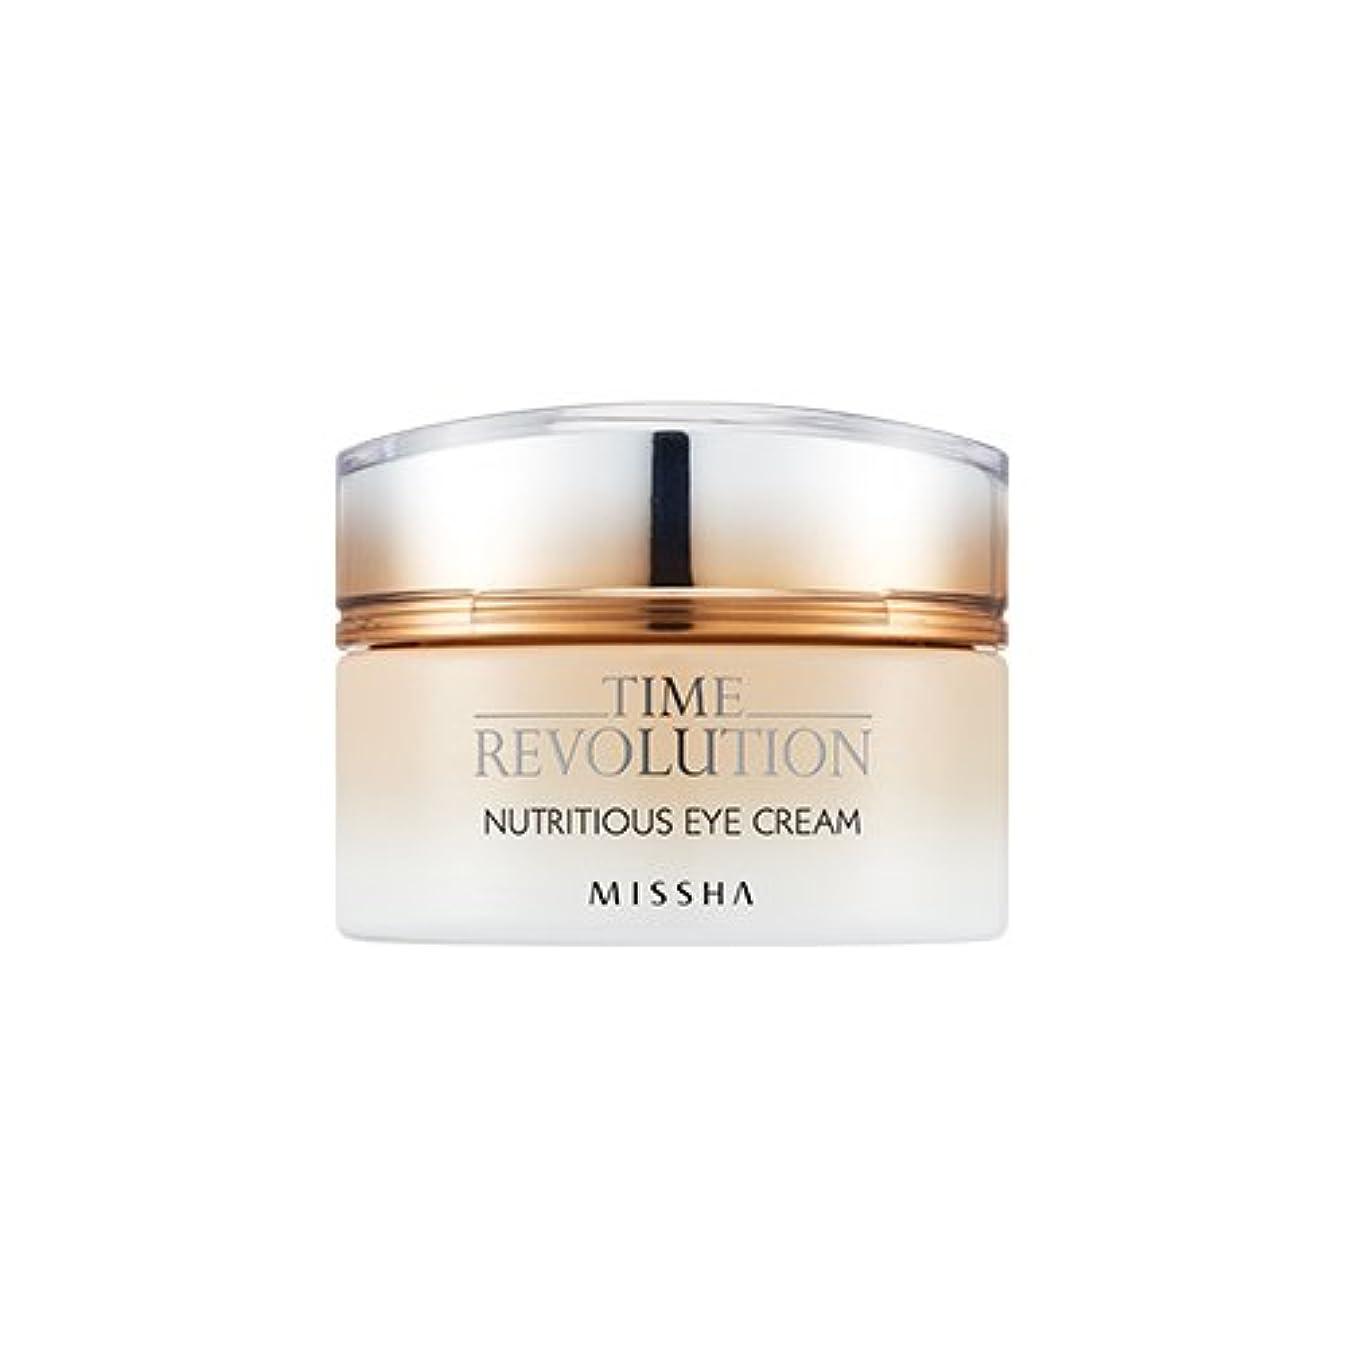 フルートロシア支配する[New] MISSHA Time Revolution Nutritious Eye Cream 25ml/ミシャ タイム レボリューション ニュートリシャス アイクリーム 25ml [並行輸入品]